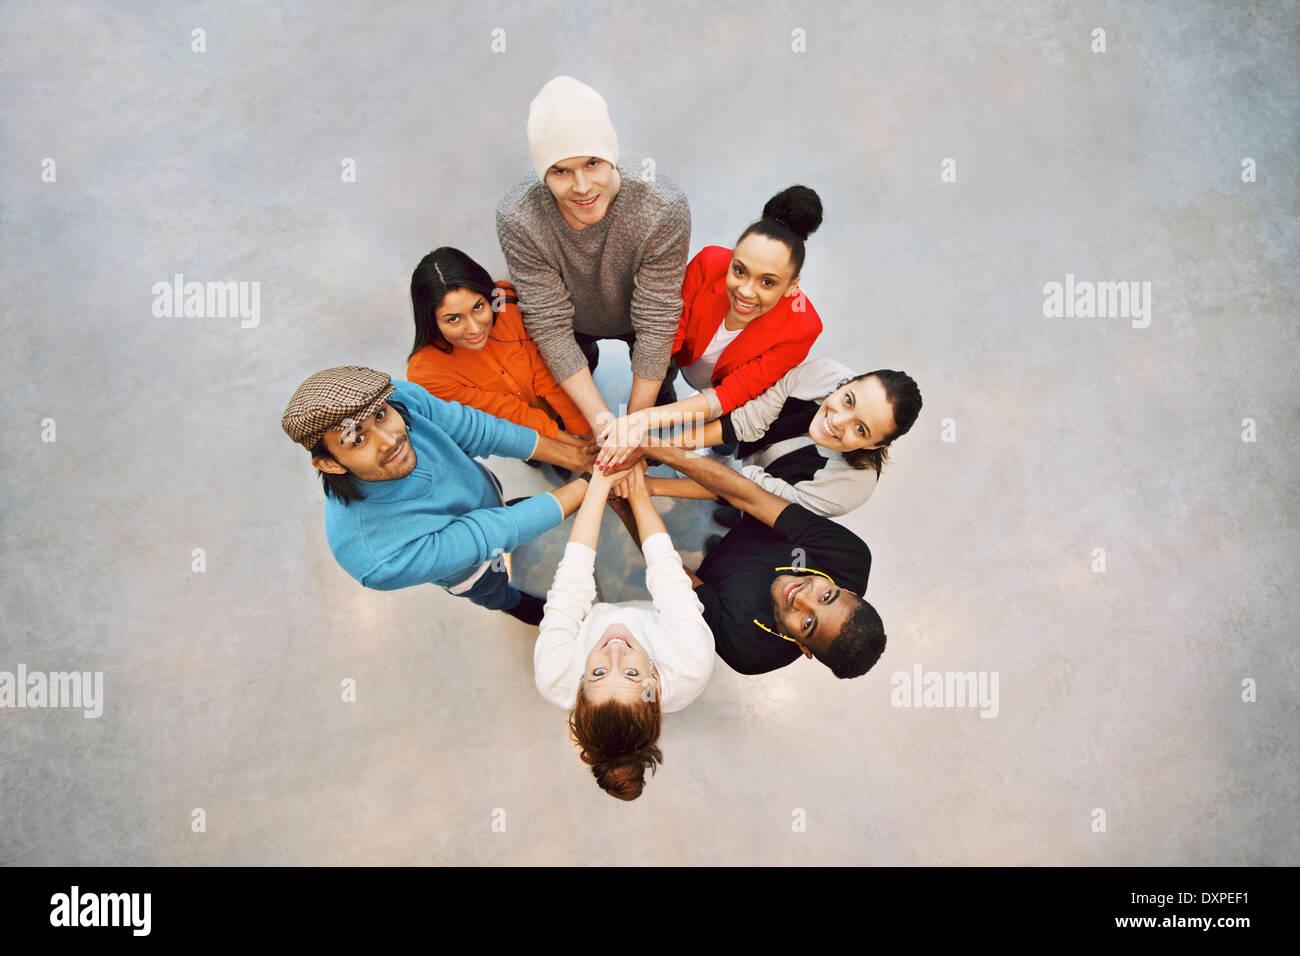 Un grupo de jóvenes estudiantes felices mostrando. Vista superior del grupo multiétnico de gente joven poniendo sus manos juntas. Imagen De Stock